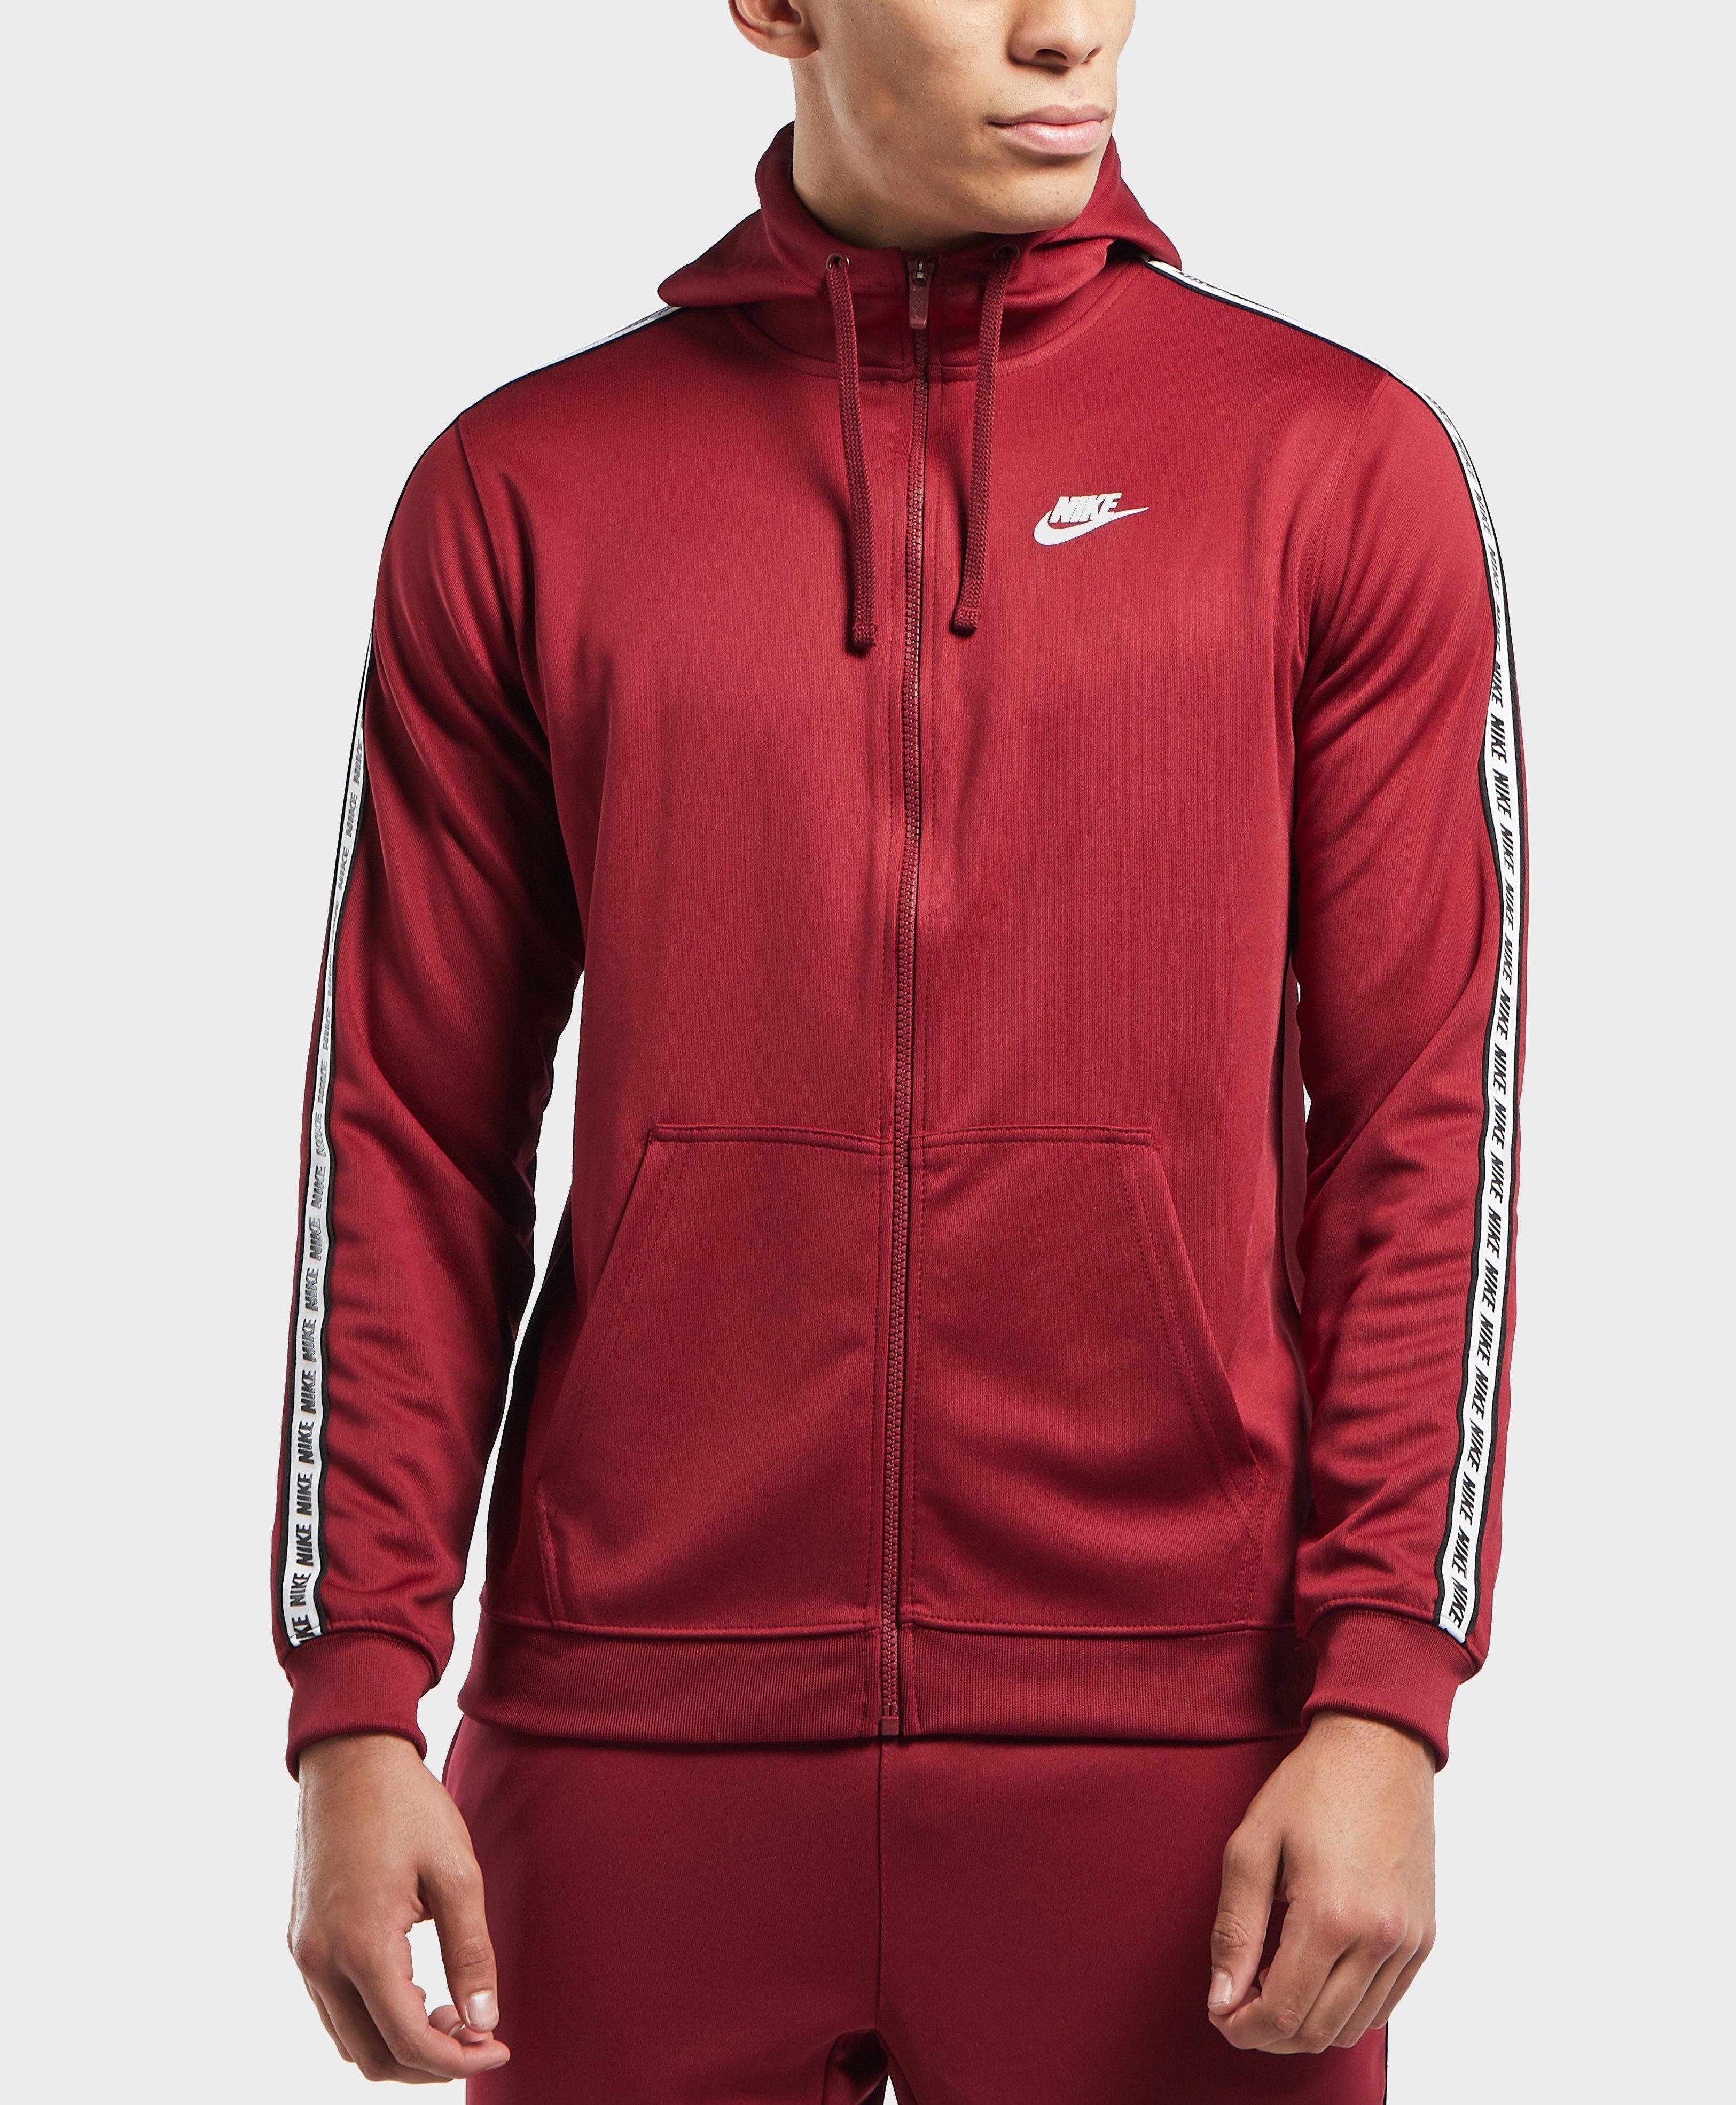 dda1258e4b Nike Gel Tape Full Zip Hoodie in Red for Men - Lyst